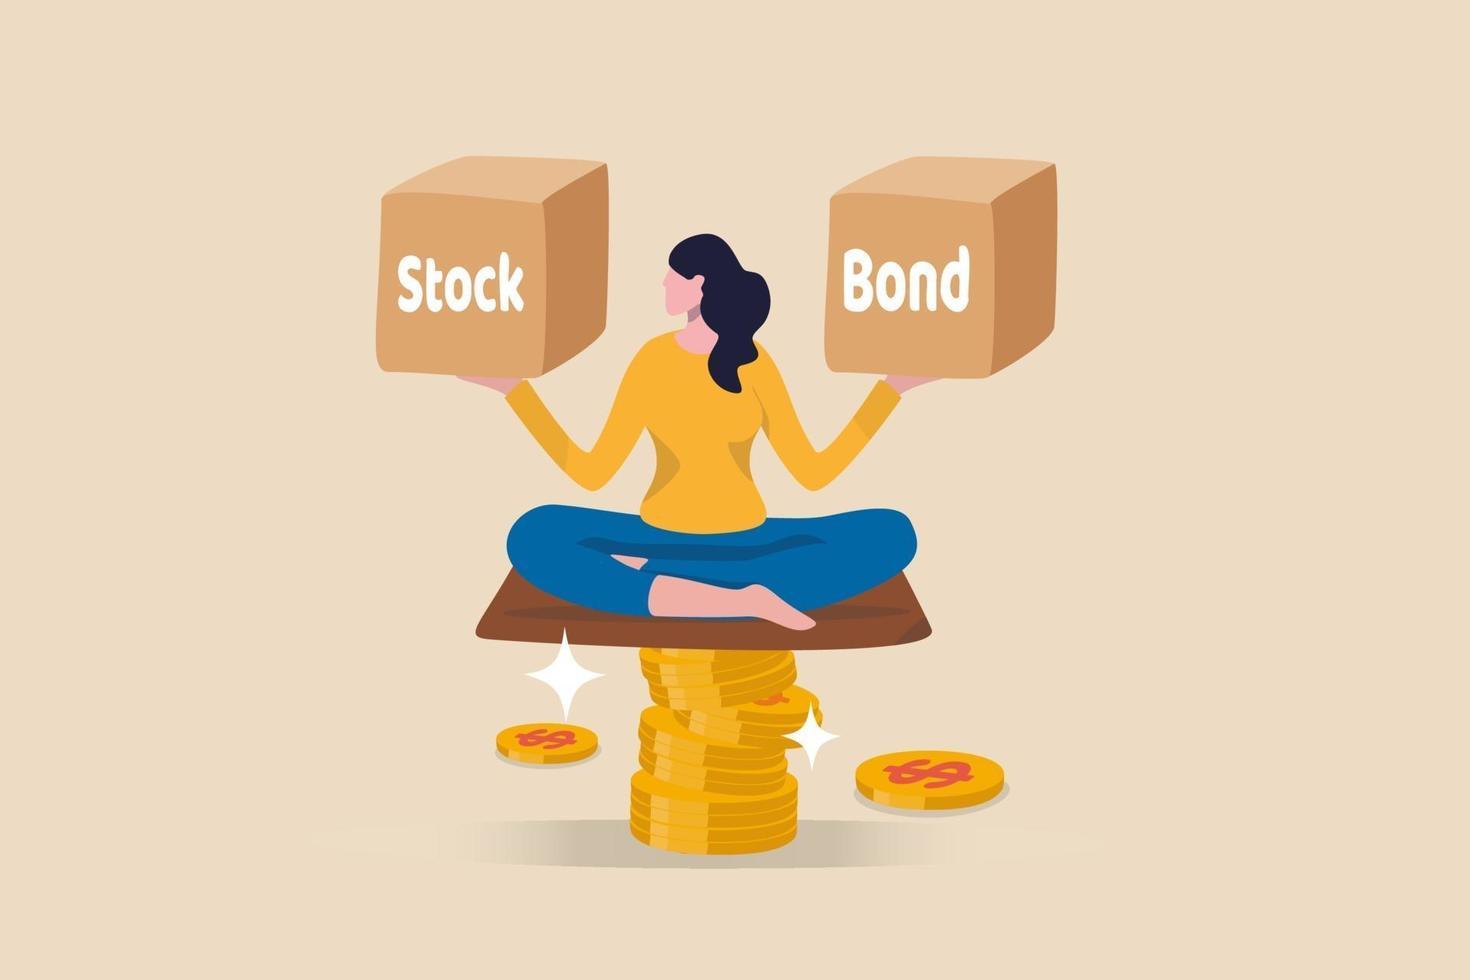 vrouw op een stapel munten balanceren voorraad en obligatiedozen vector